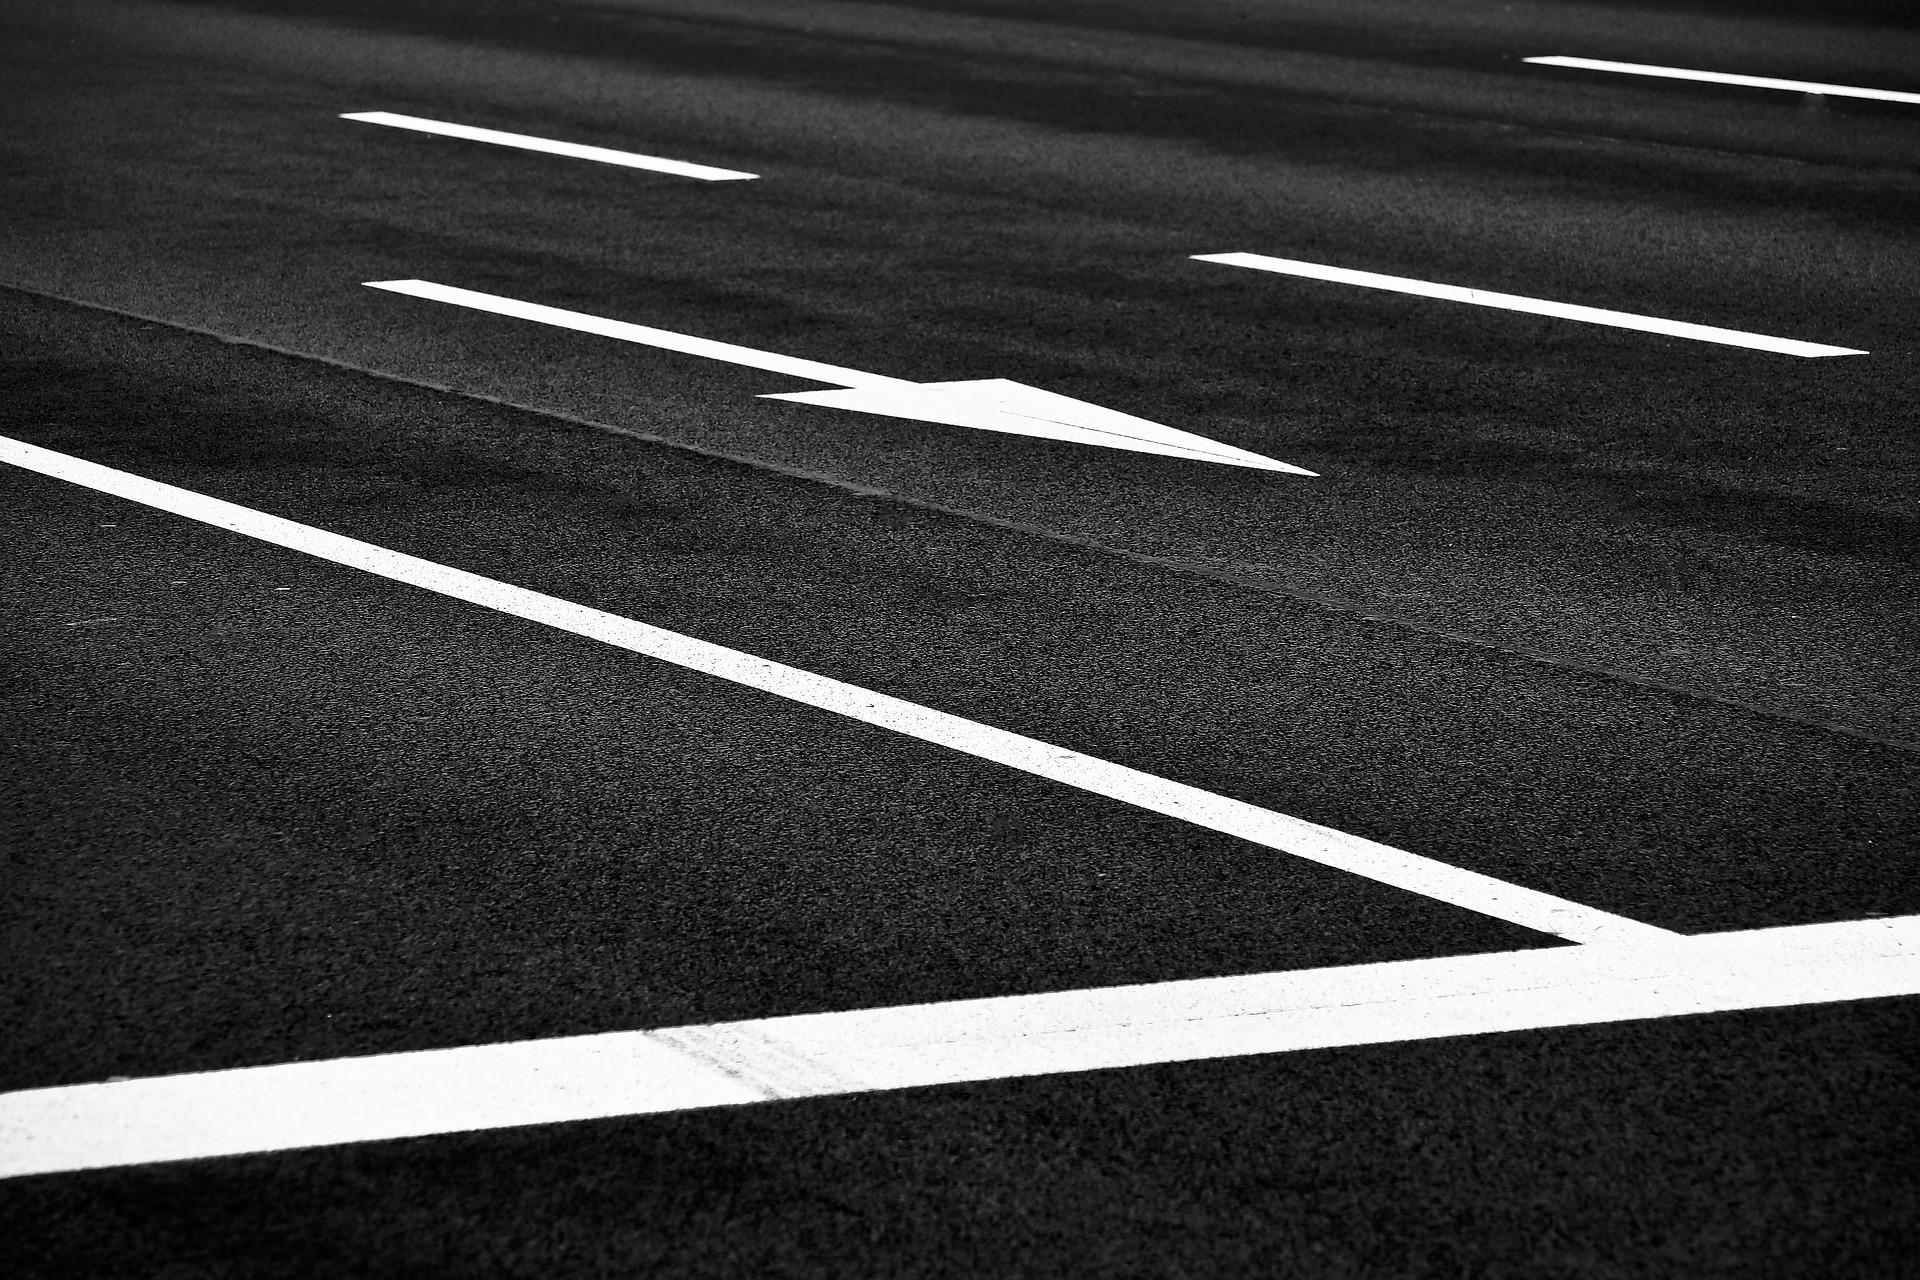 Монтаж металлоконструкций начали над Боровским шоссе